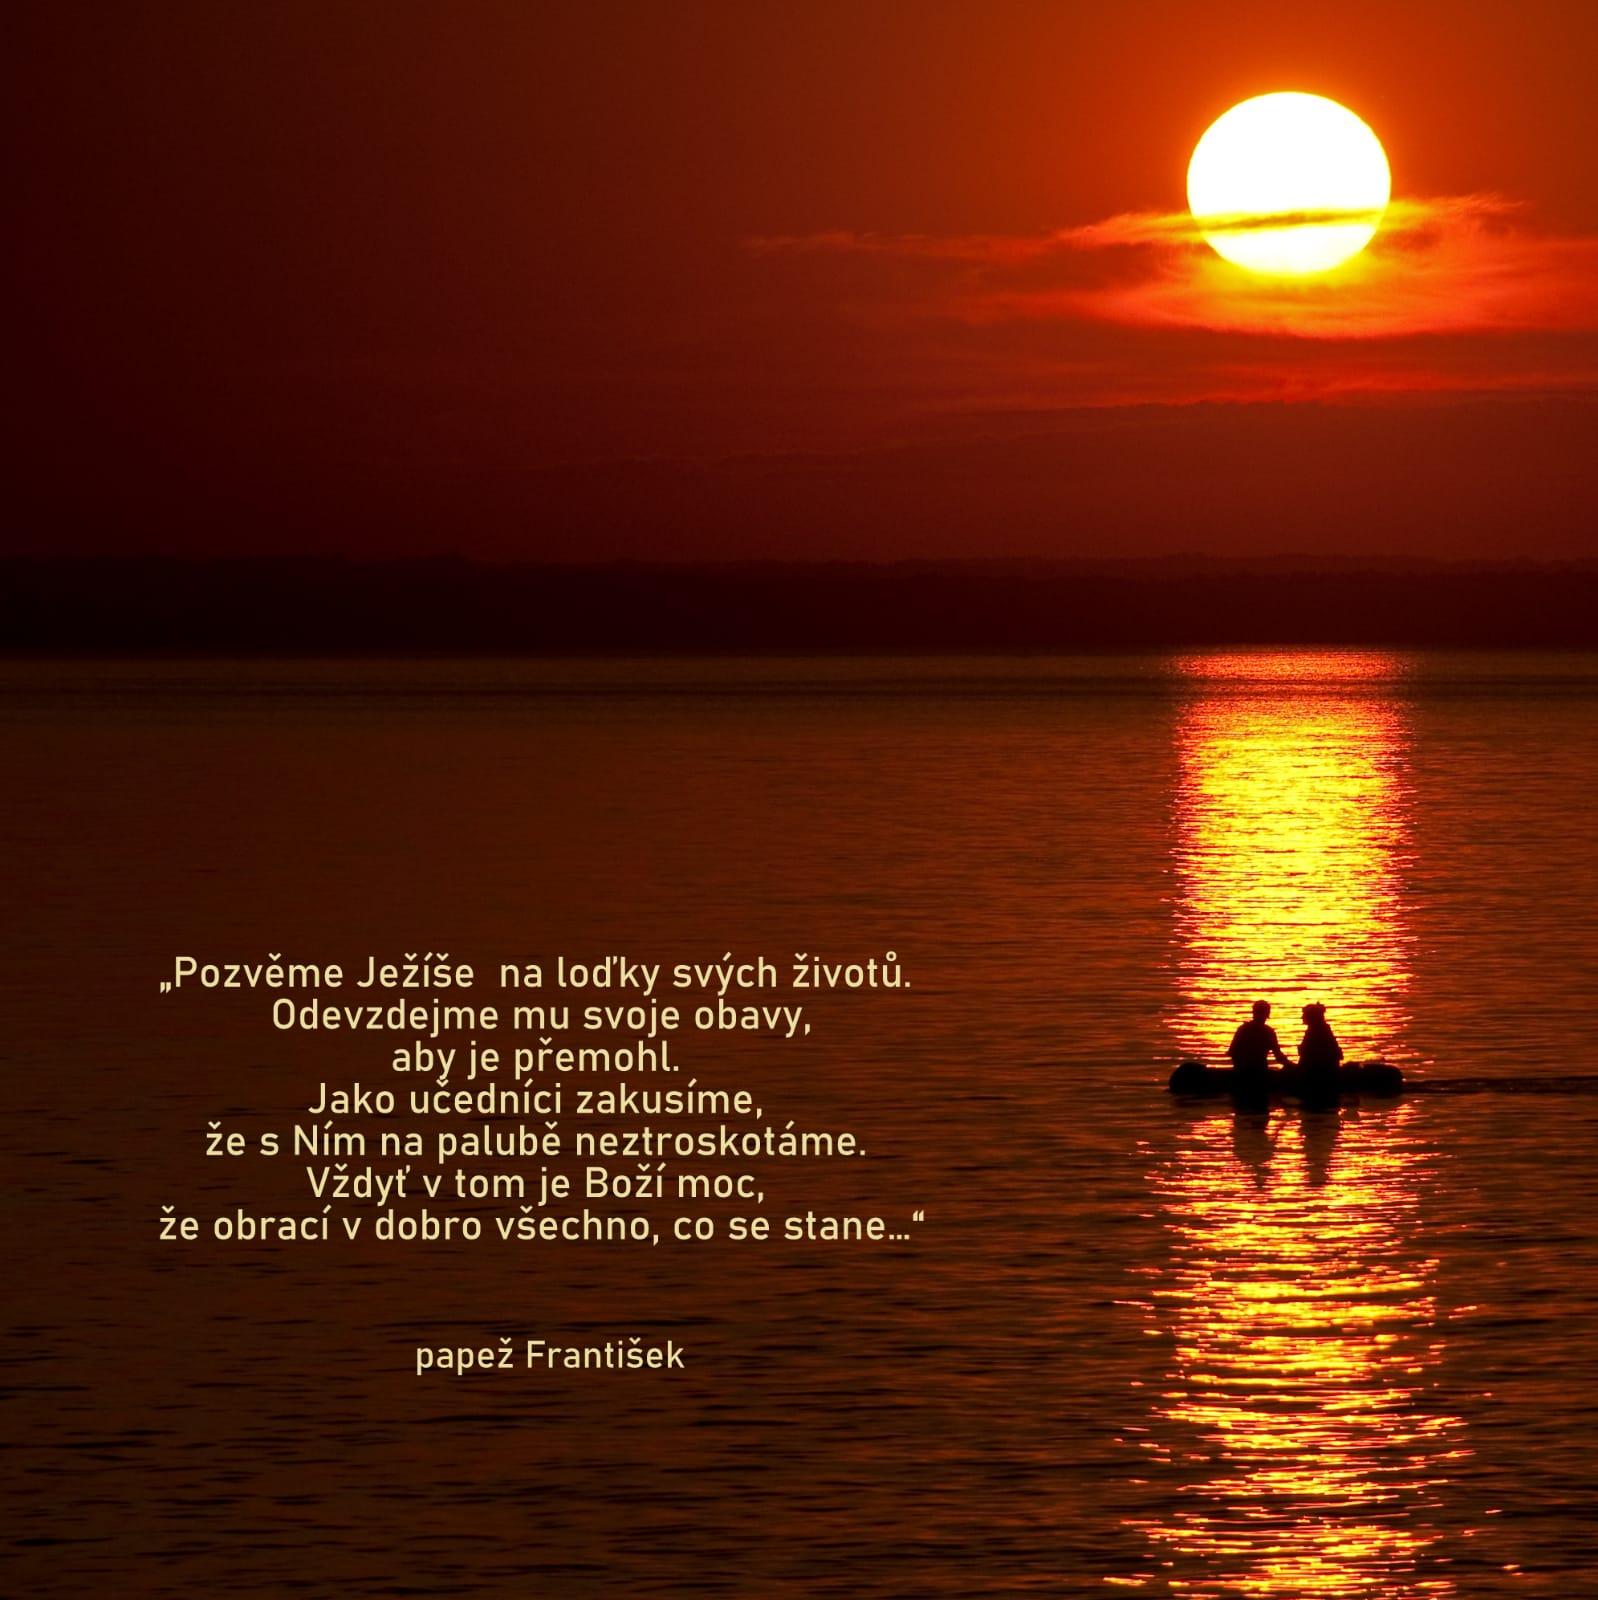 Pozvěme Ježíše na loďky svých životů